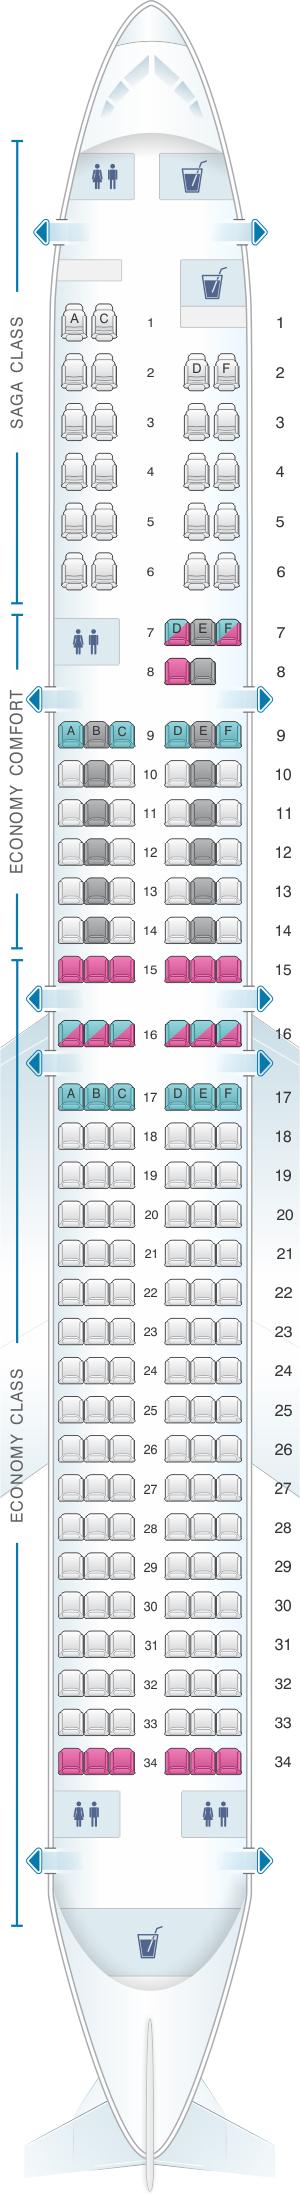 Seat map icelandair boeing  also pinterest airplanes rh